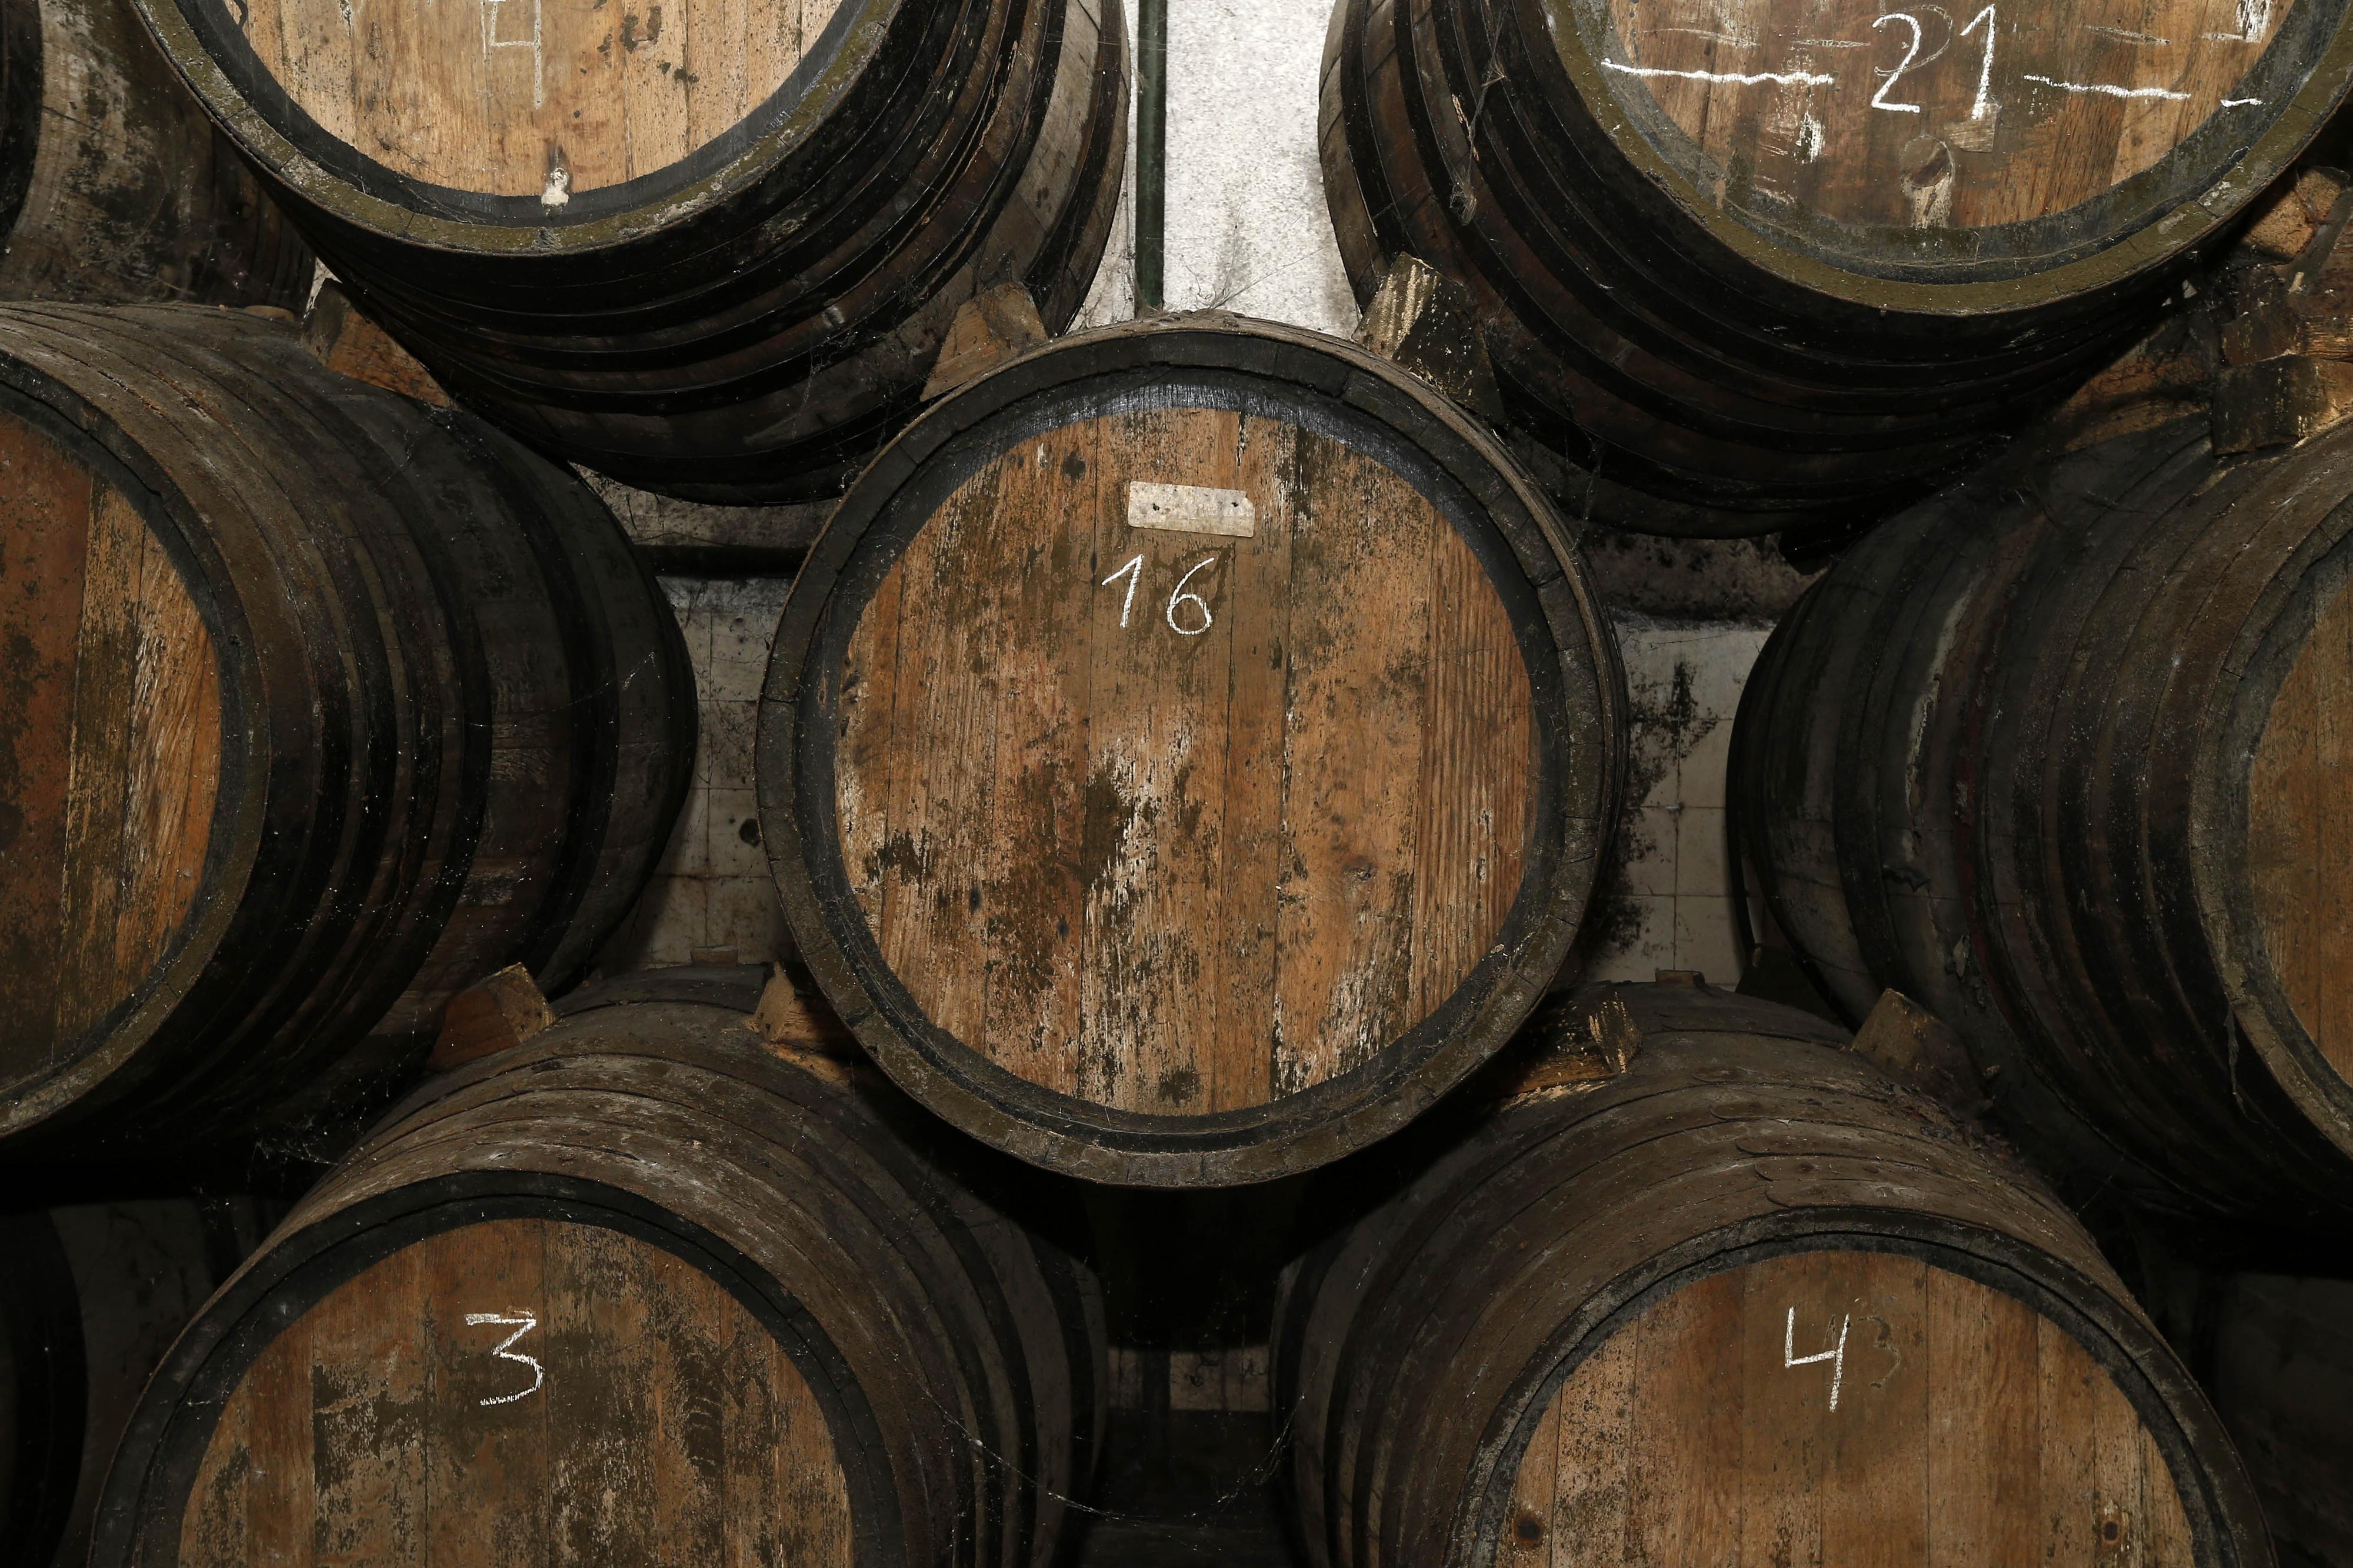 ASAE apreende cerca de 900 litros de vinho e aguardente em Leiria